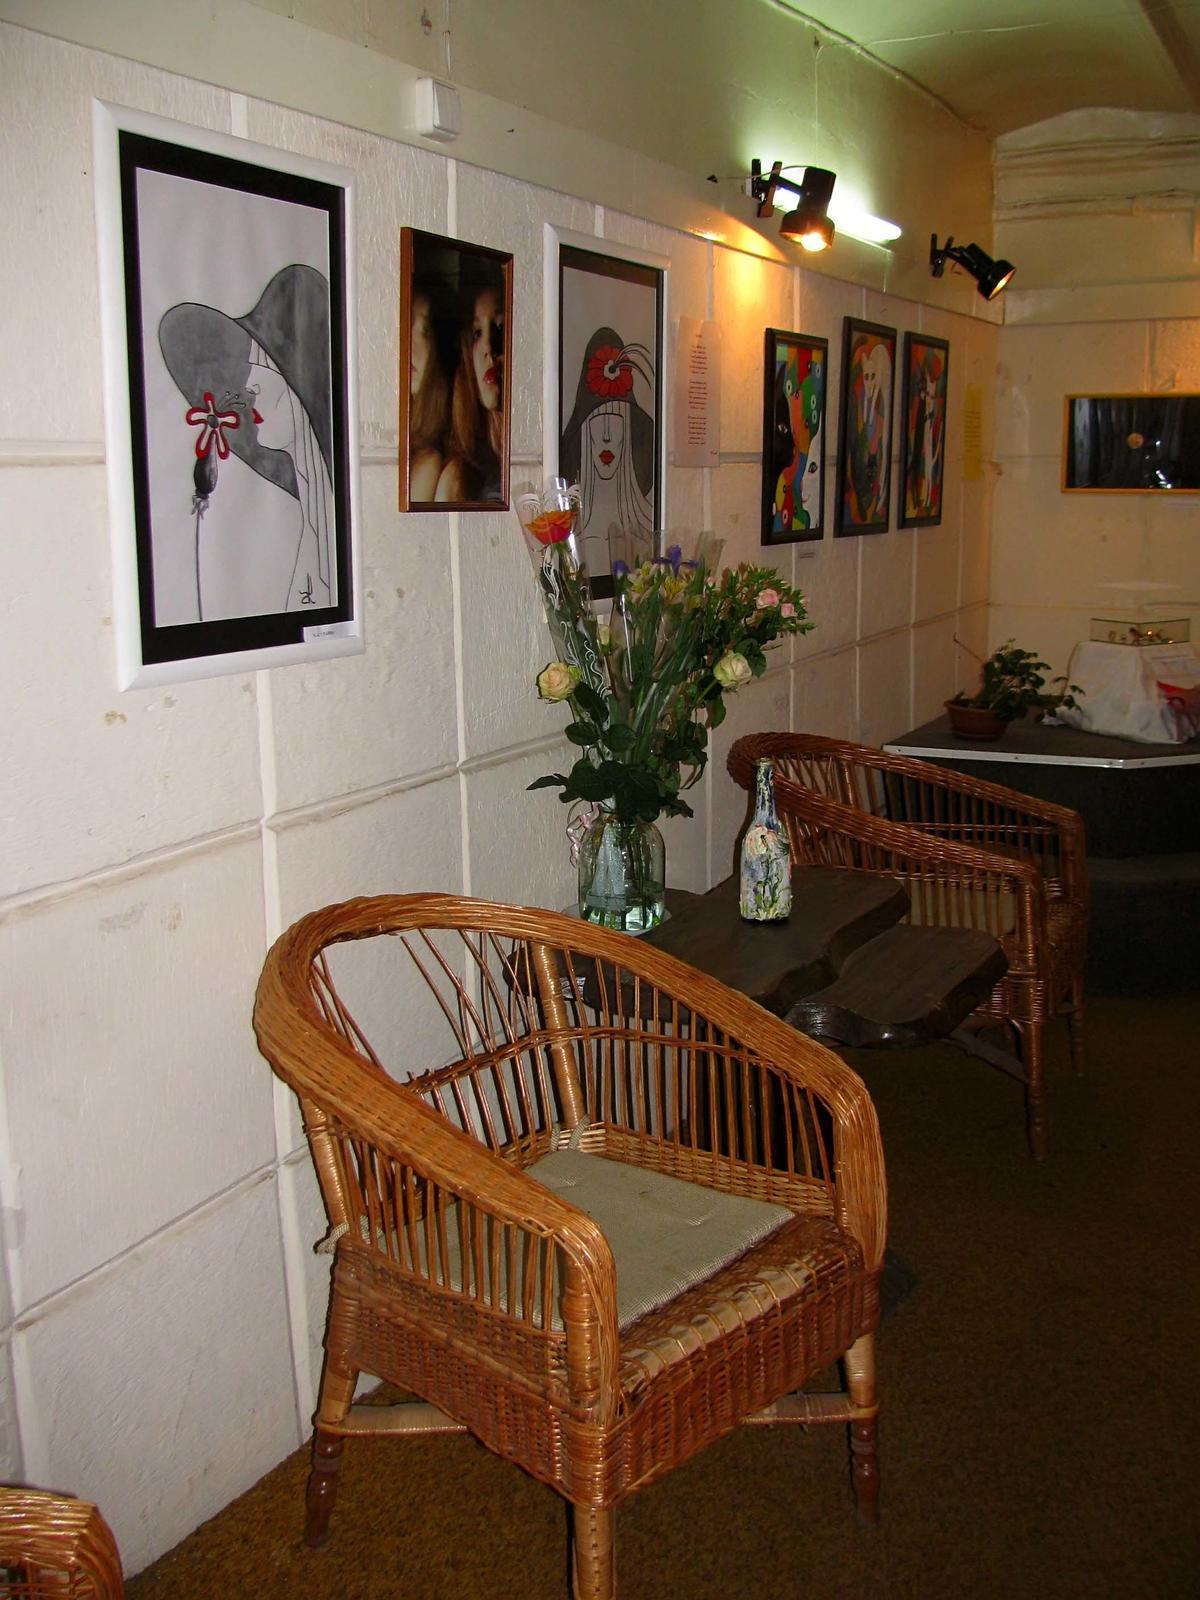 Фото №55403. Фрагмент интерьера галереи «Эбиволь»